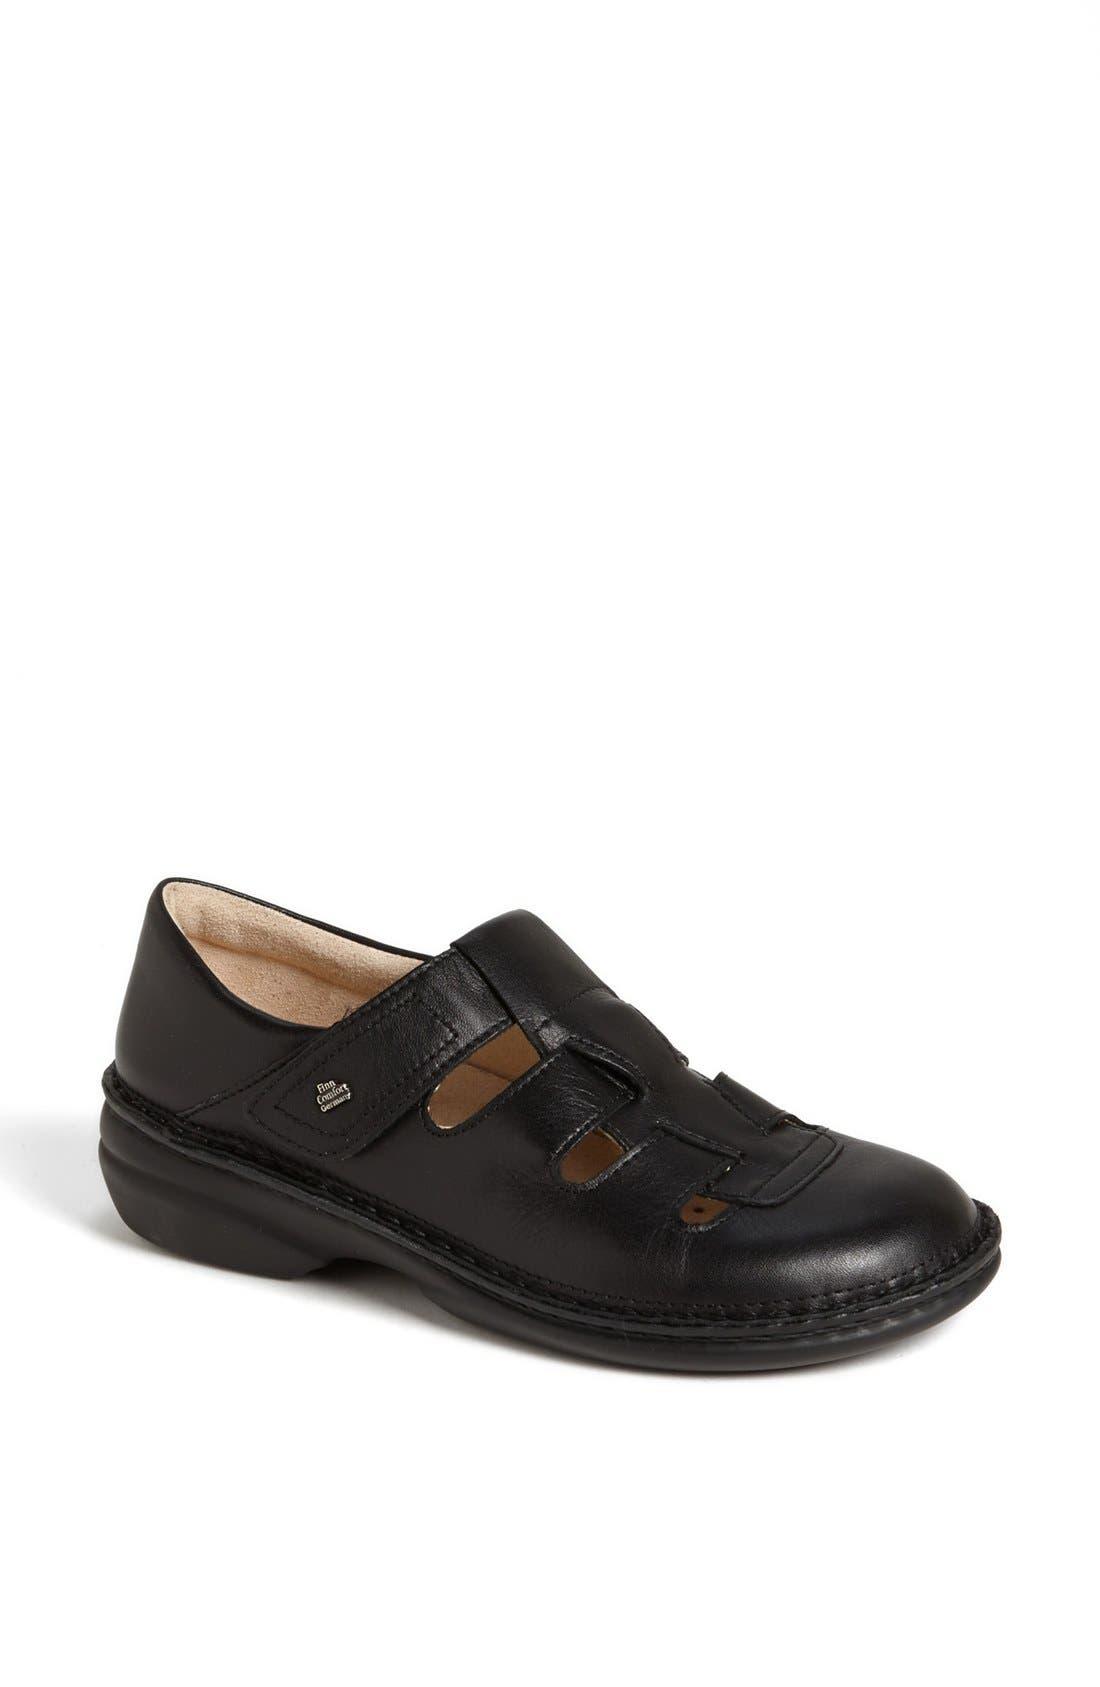 Alternate Image 1 Selected - Finn Comfort 'Quebec' Sandal